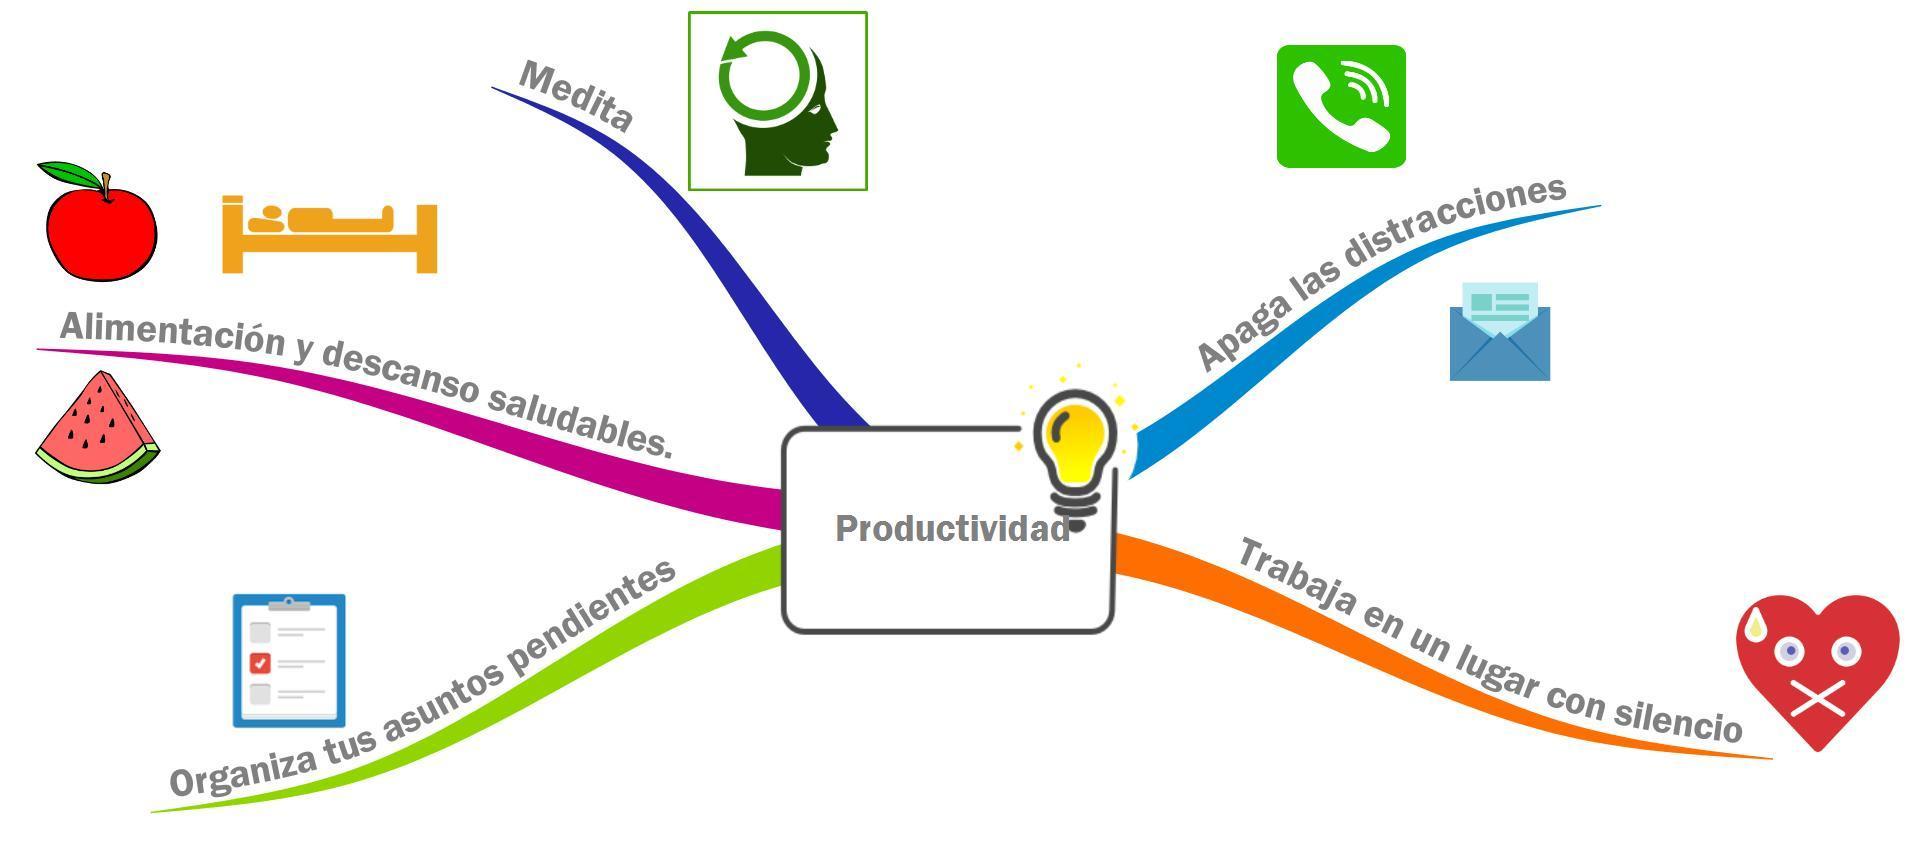 Productividad. Ideas para concentrarse y no perder el foco